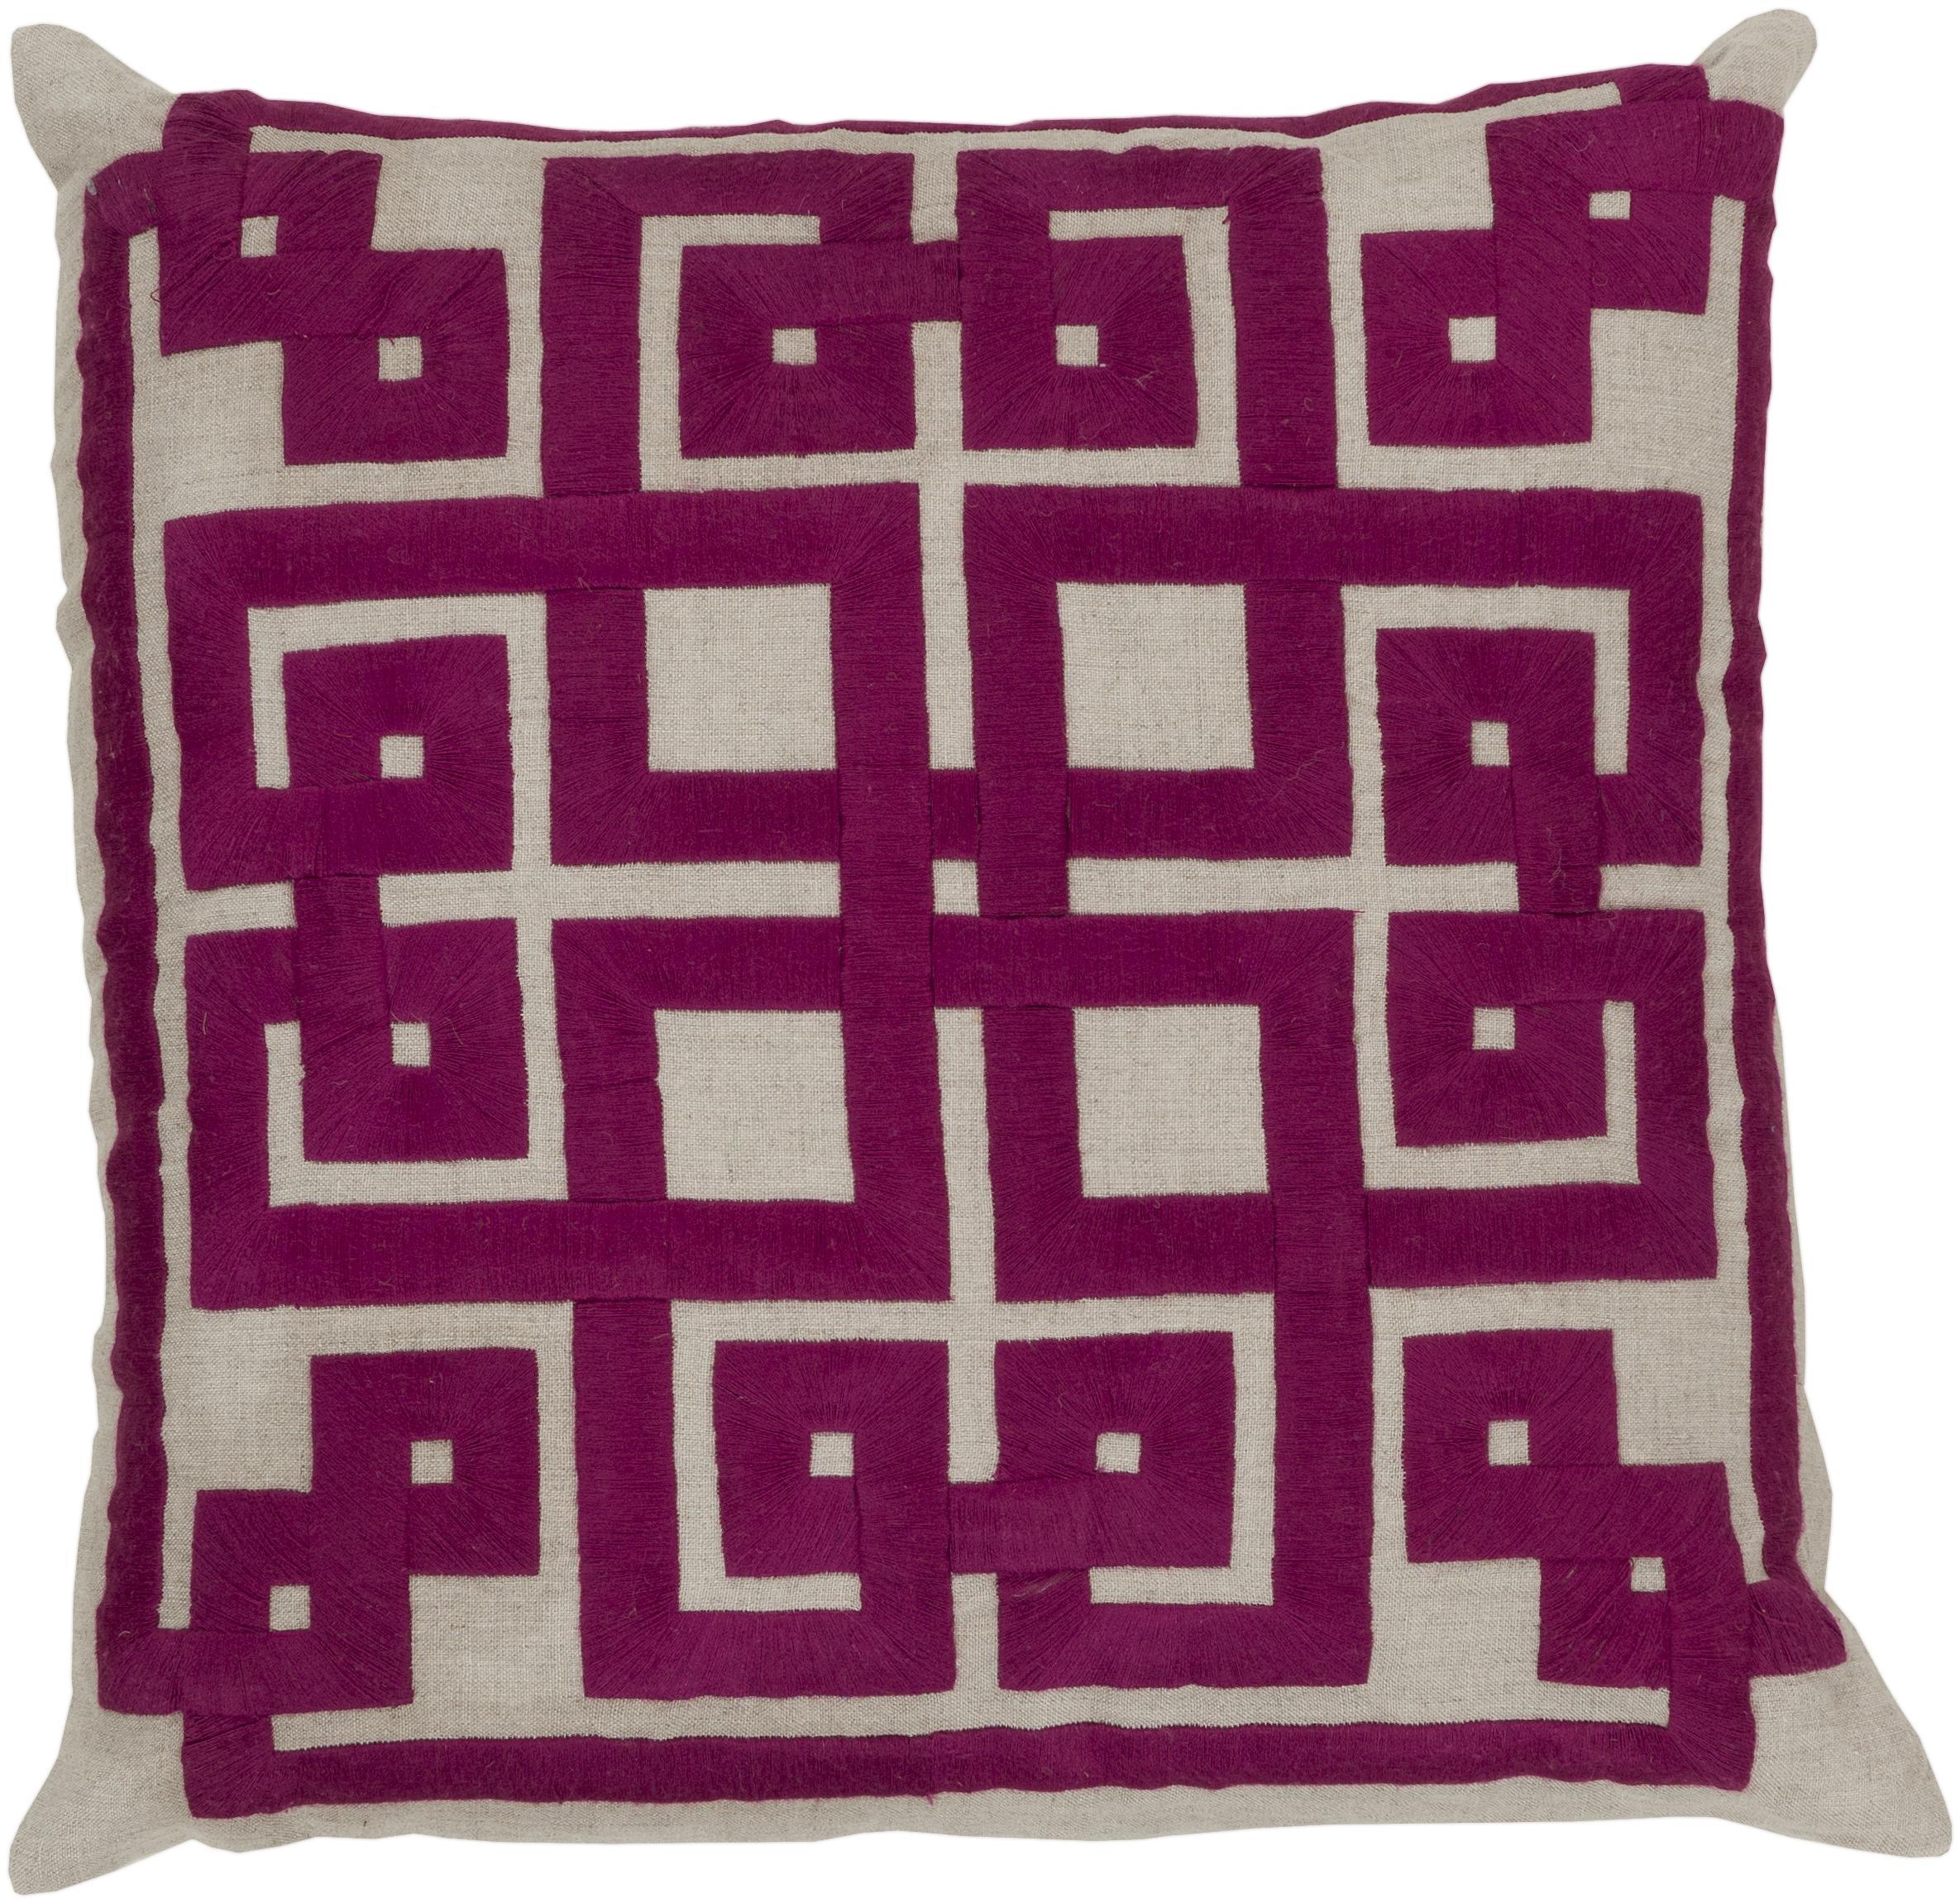 """Surya Rugs Pillows 18"""" x 18"""" Pillow - Item Number: LD008-1818P"""